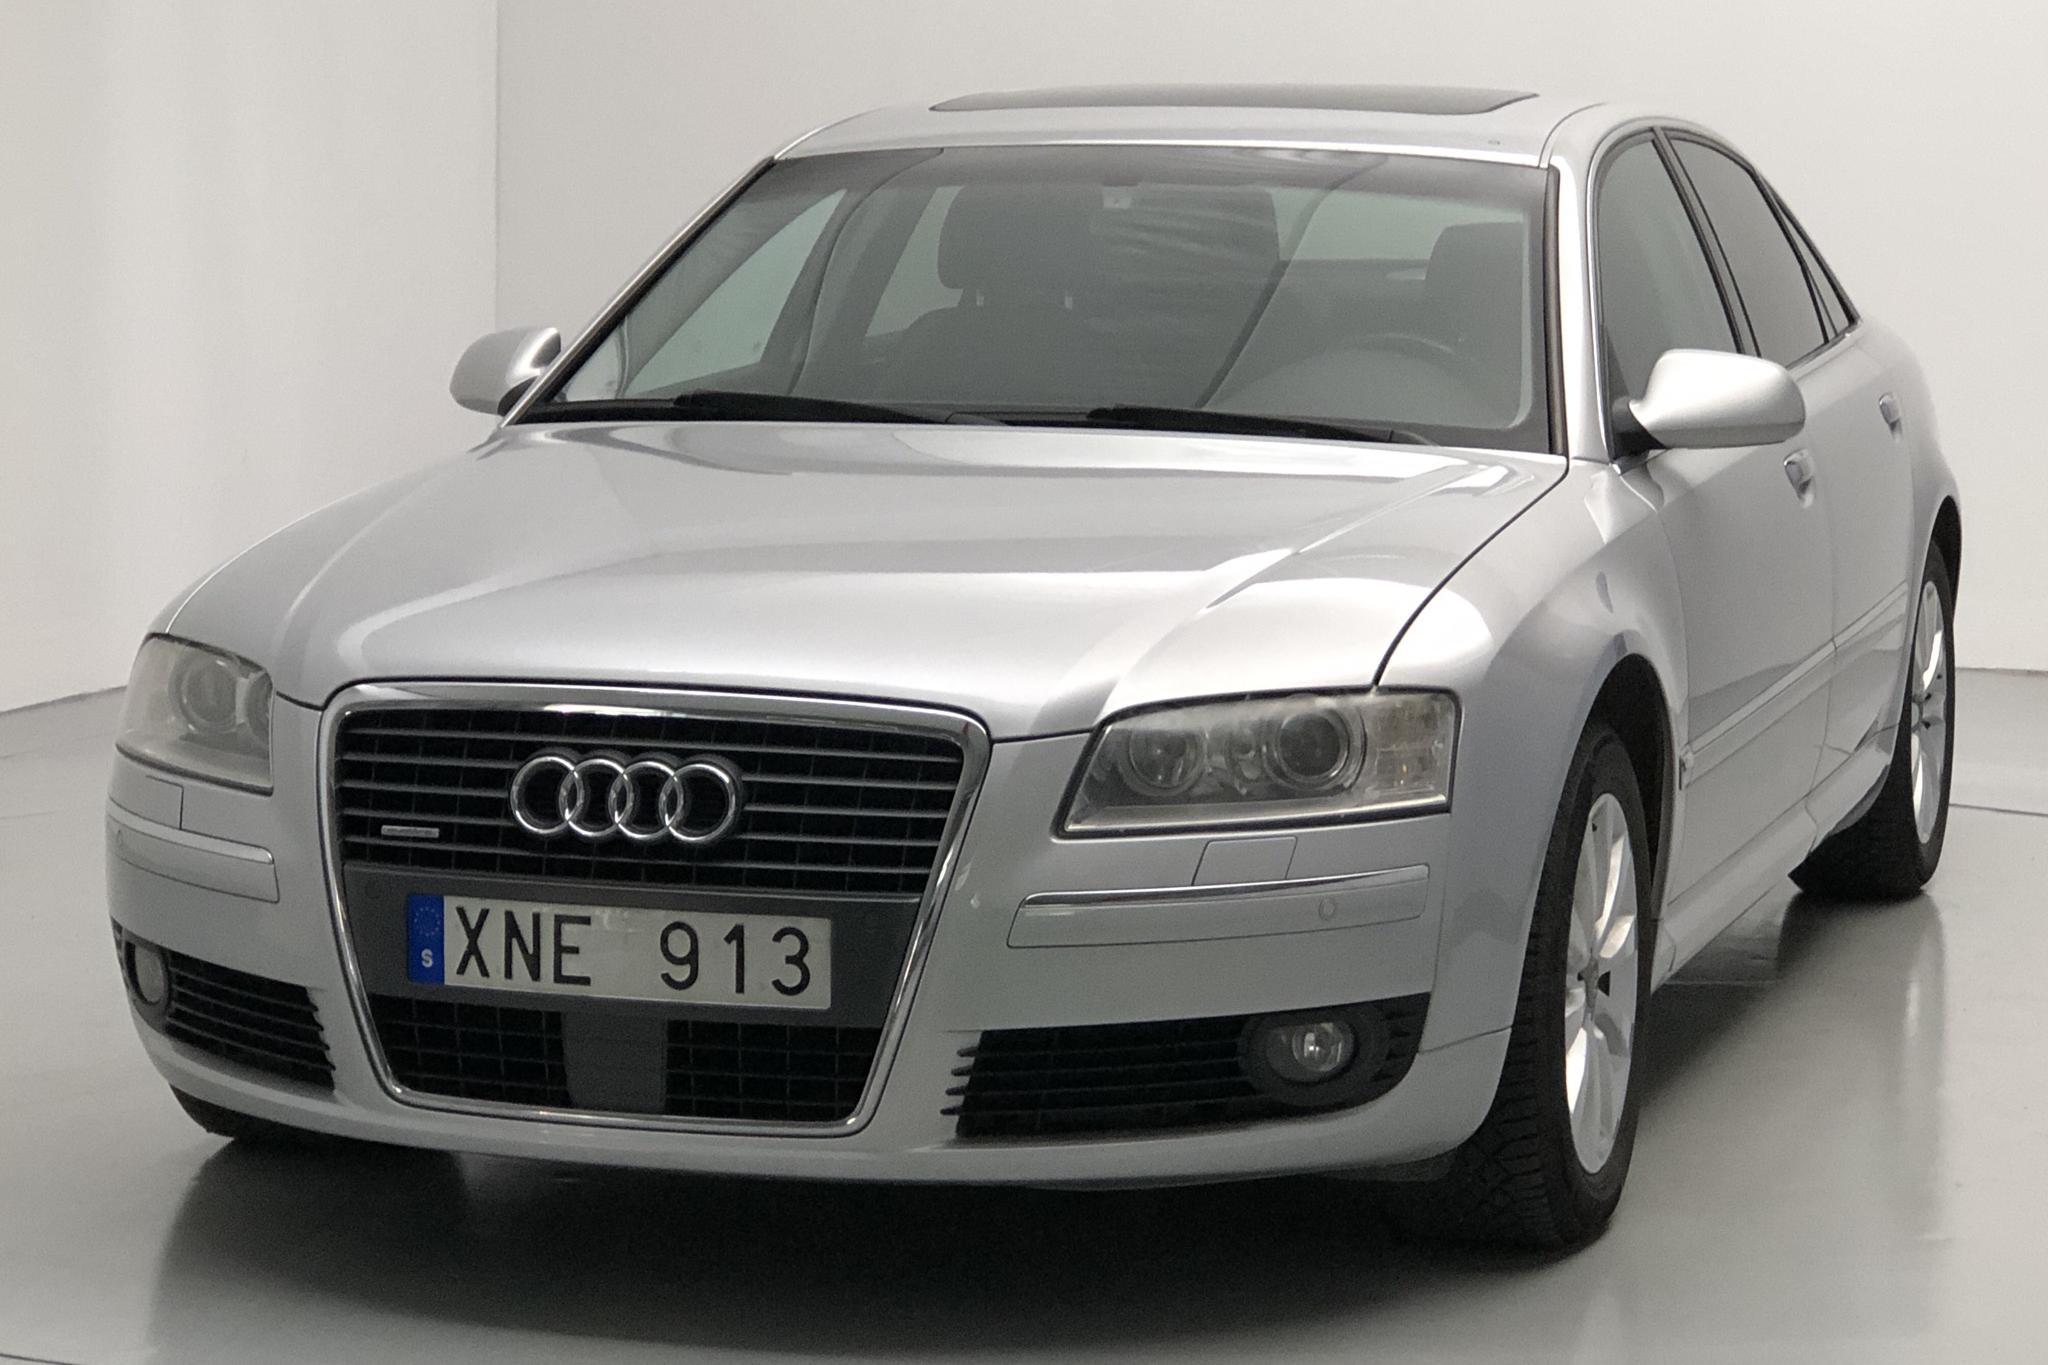 Audi A8 4.2 quattro (335hk) - 138 030 km - Automatic - silver - 2006